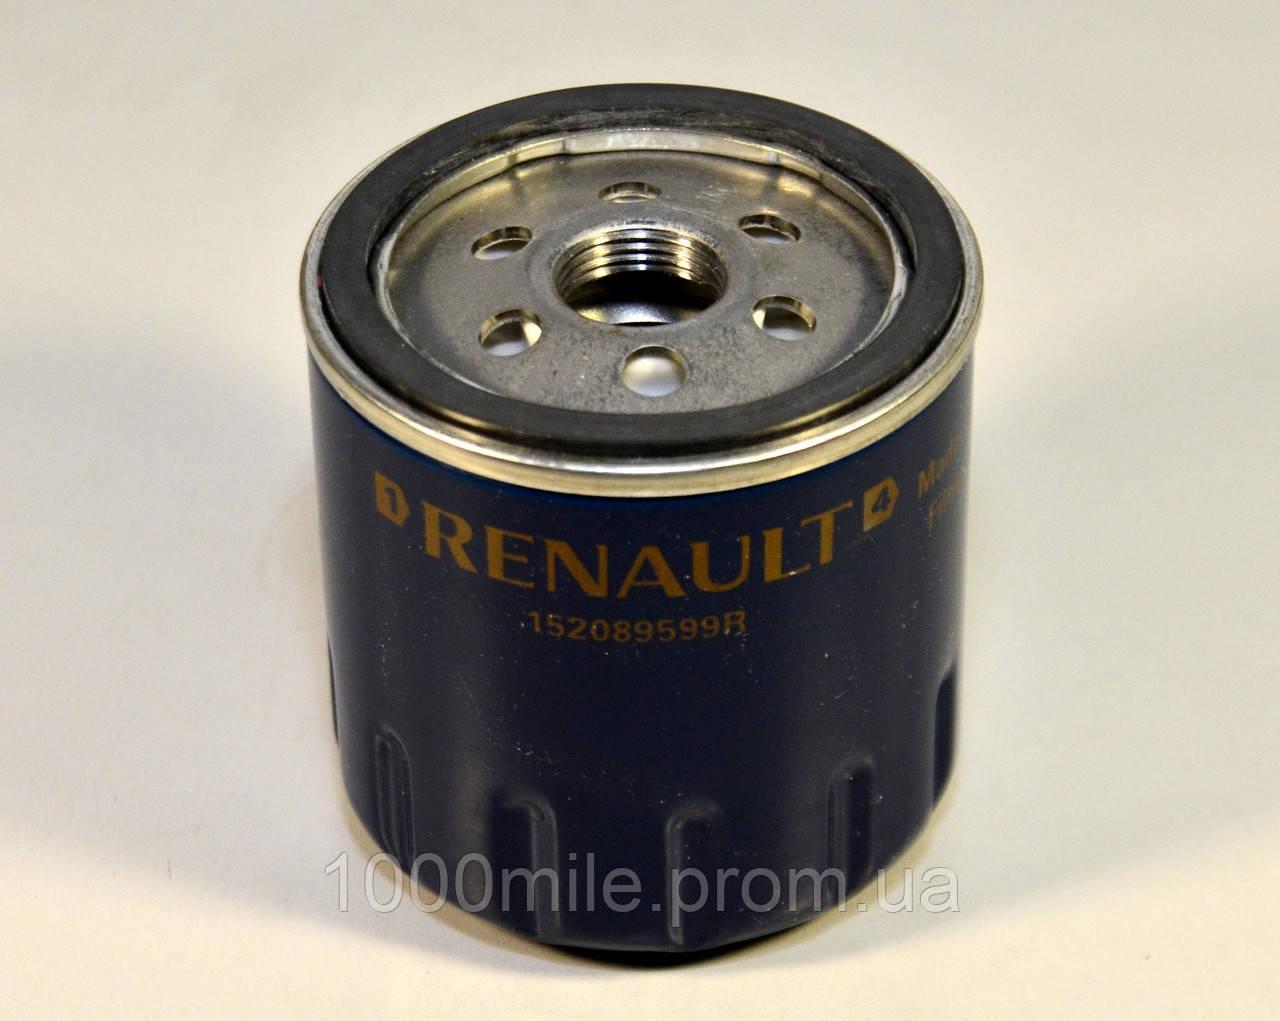 Фильтр масла на Renault Kangoo II 2013-> 1.5dCi — RENAULT (Оригинал) - 152089599R